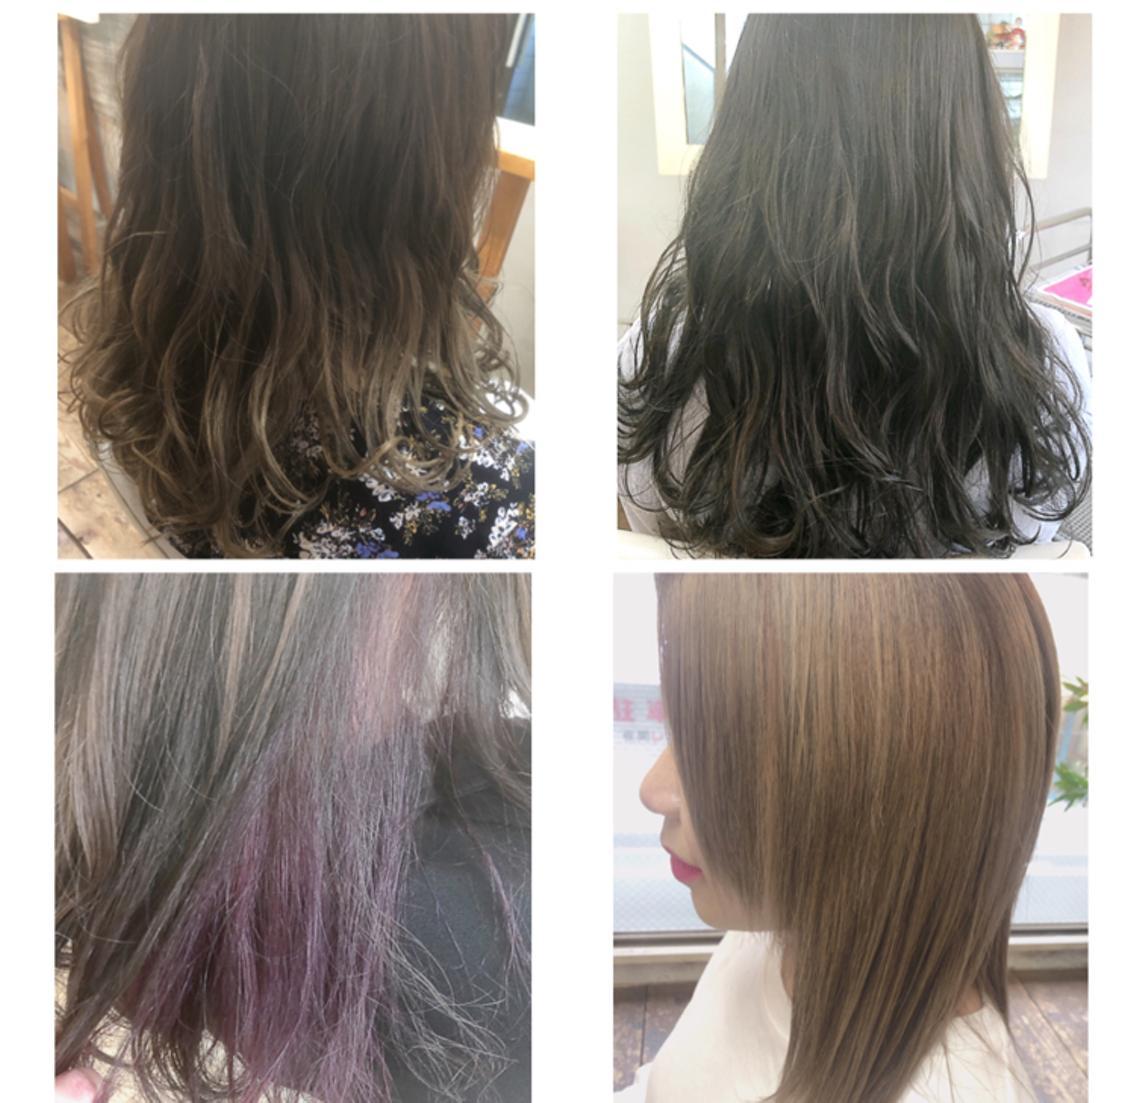 ✨平日お得に綺麗に✨マンツーマン対応で安心の技術を提供します✨一人ひとりに似合うa/wヘアお任せ下さい❄️どこから見ても綺麗な髪を実現させます❣️通い続けたくなる空間で是非お待ちしております✄✄